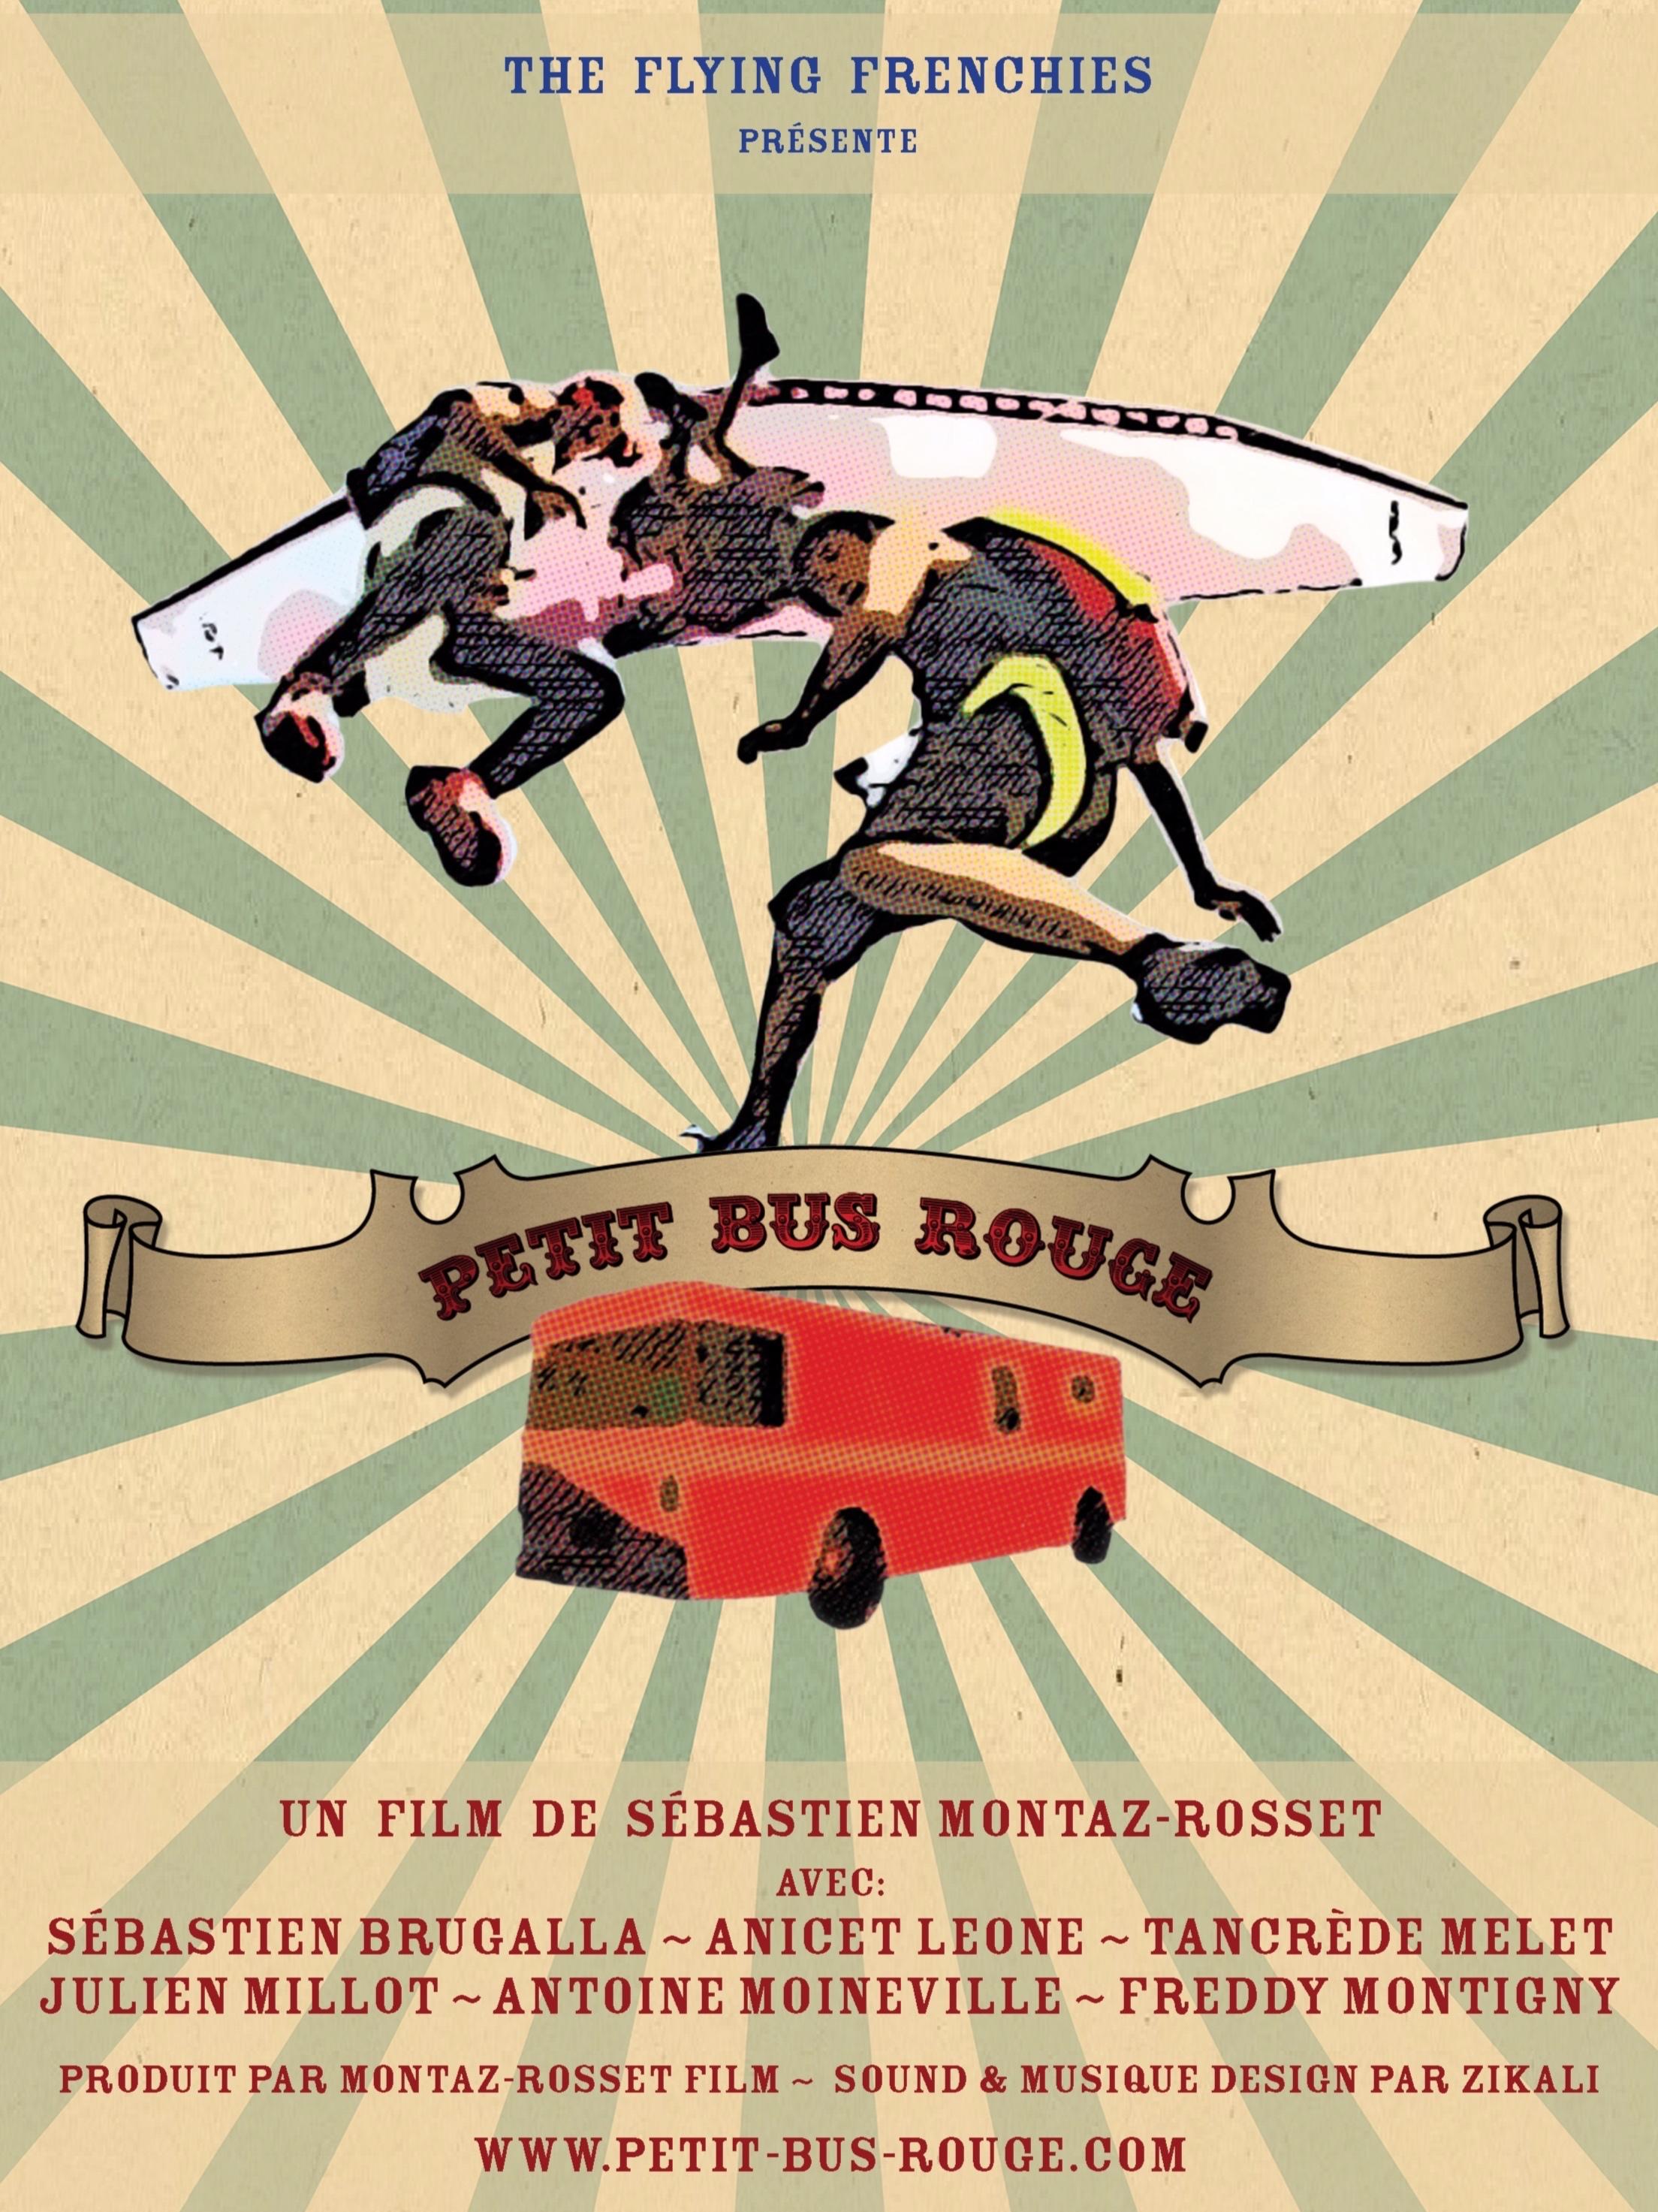 PETIT BUS ROUGE // June 2013 / 74 mins & 32 mins  Featuring: Tancrède Melet, Julien Millot, Antoine , Seb , Anicet.  Réalisation & Production: Montaz-Rosset Studio